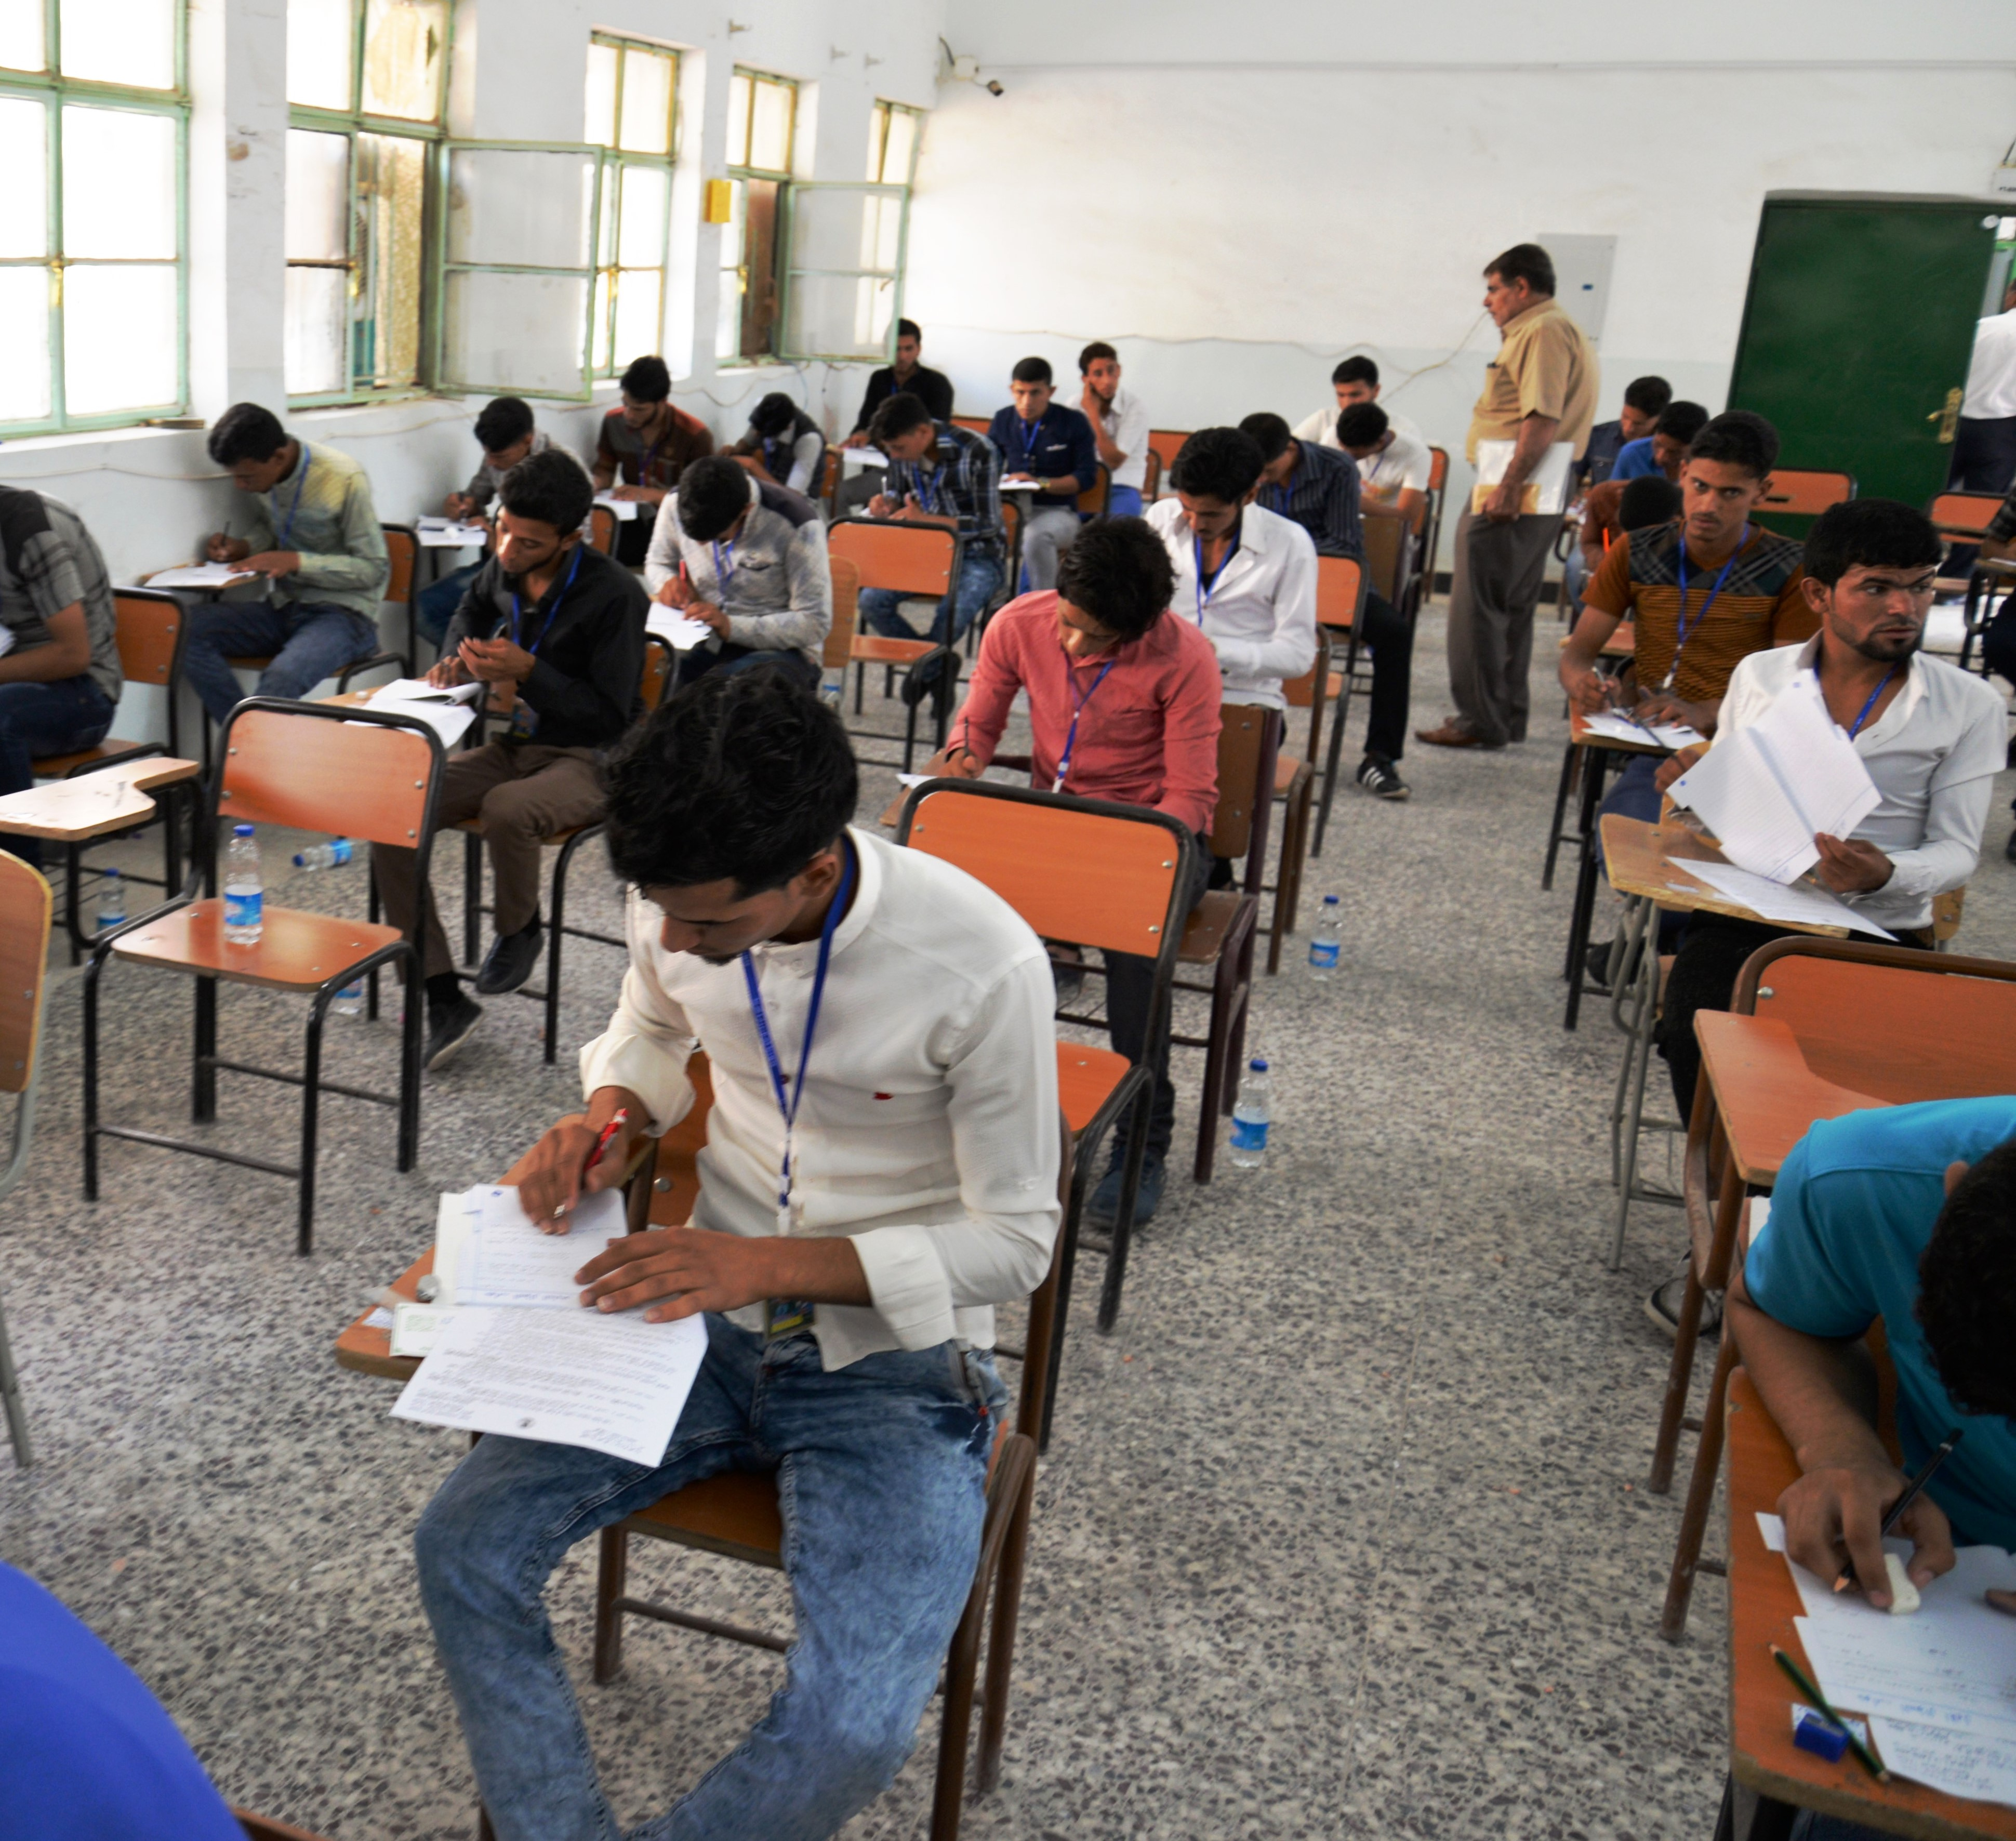 استكمال استعدادات اداء الامتحانات الوزارية للدراسة المتوسطة في المثنى